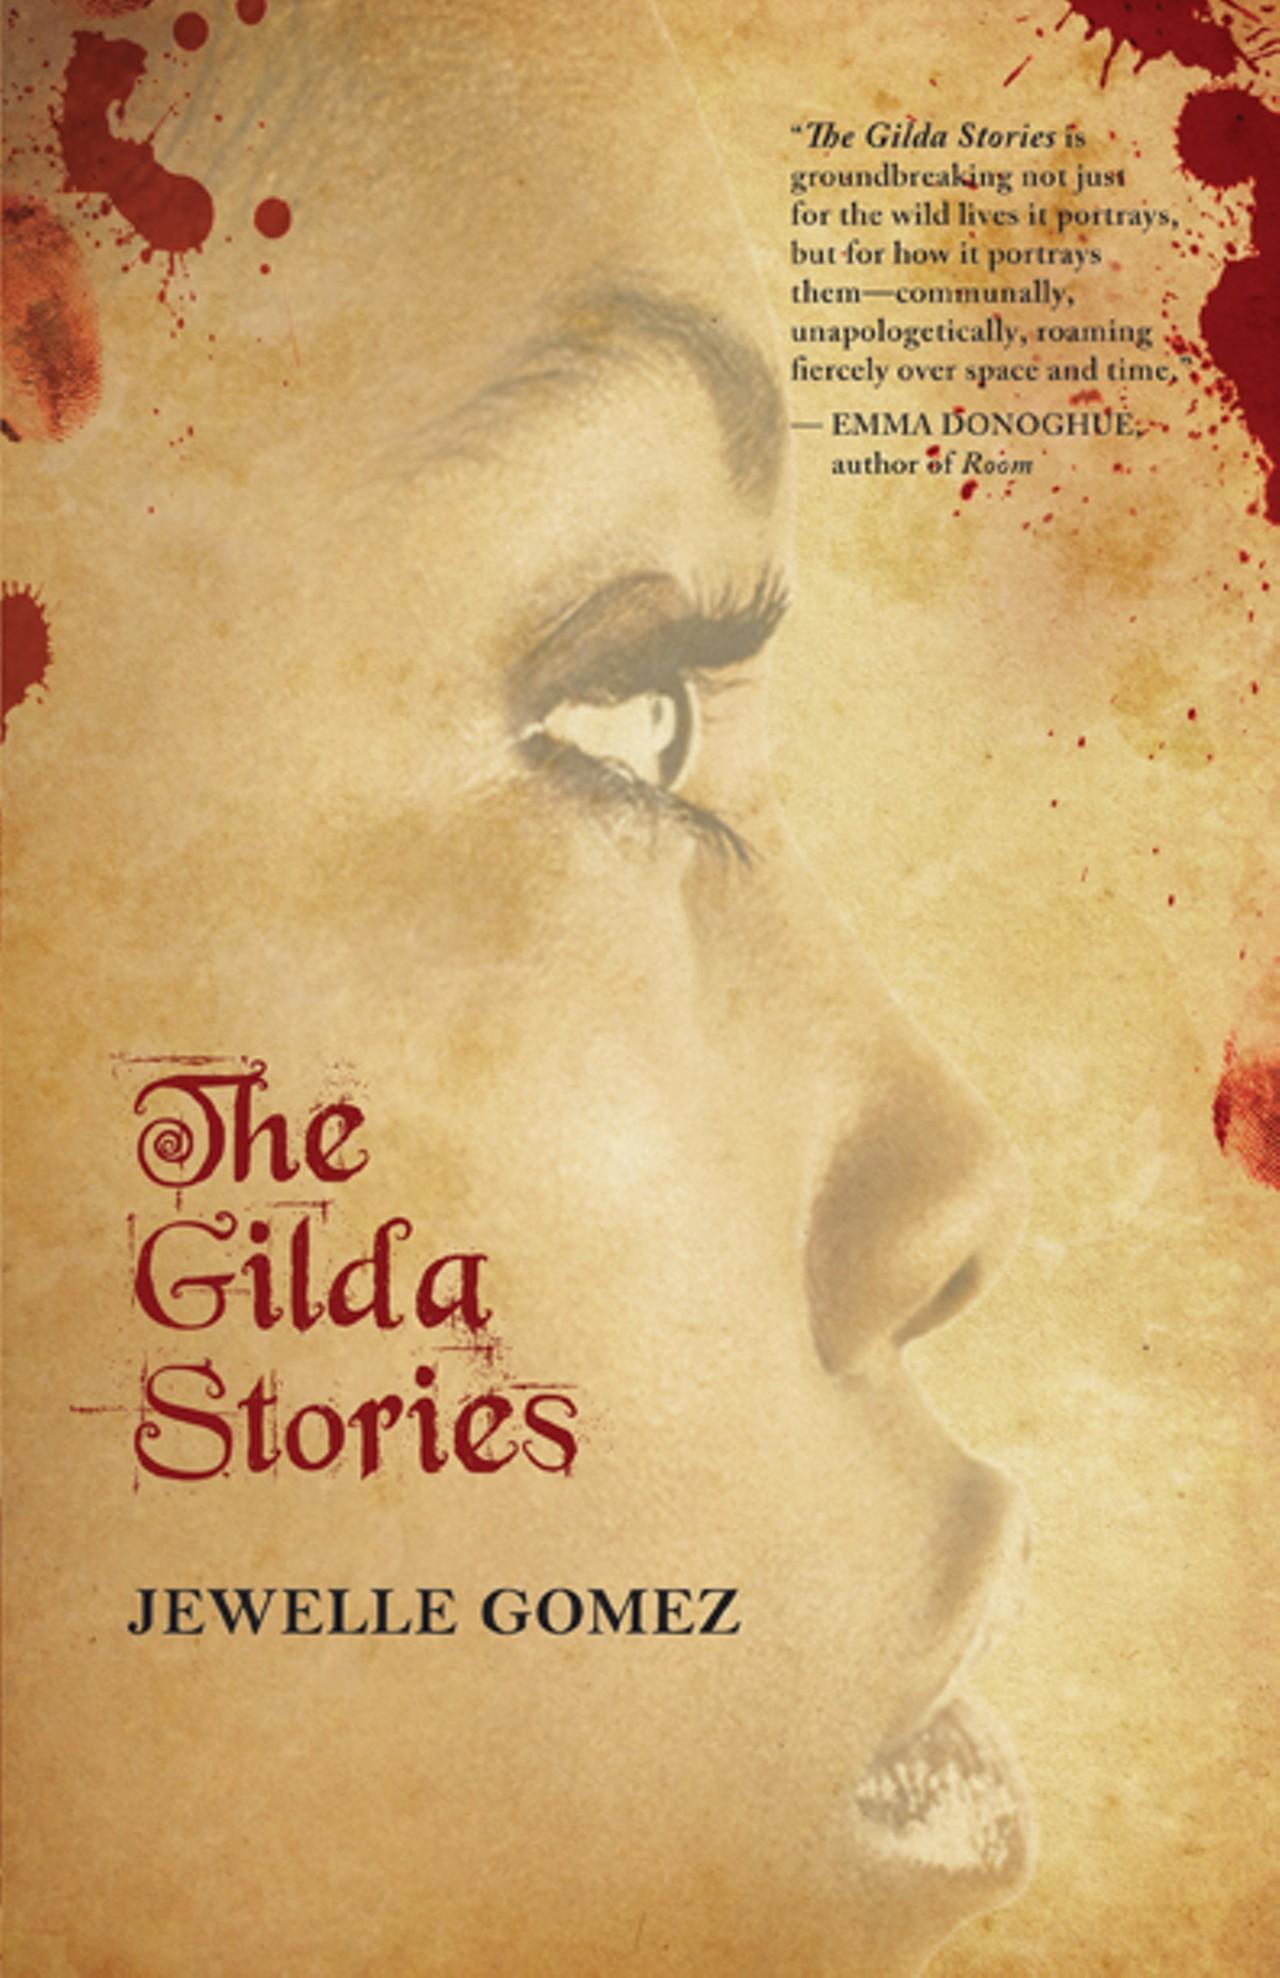 Copy of Jewelle Gomez